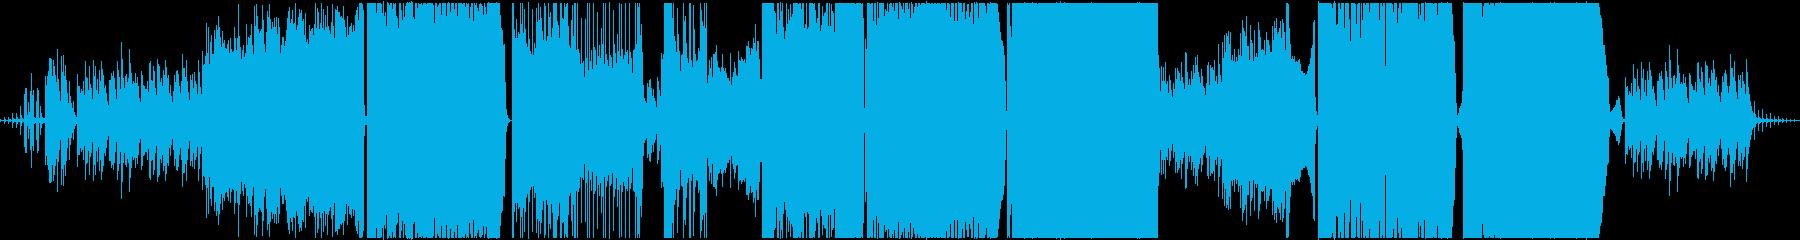 センチメンタルな王道バラードの再生済みの波形